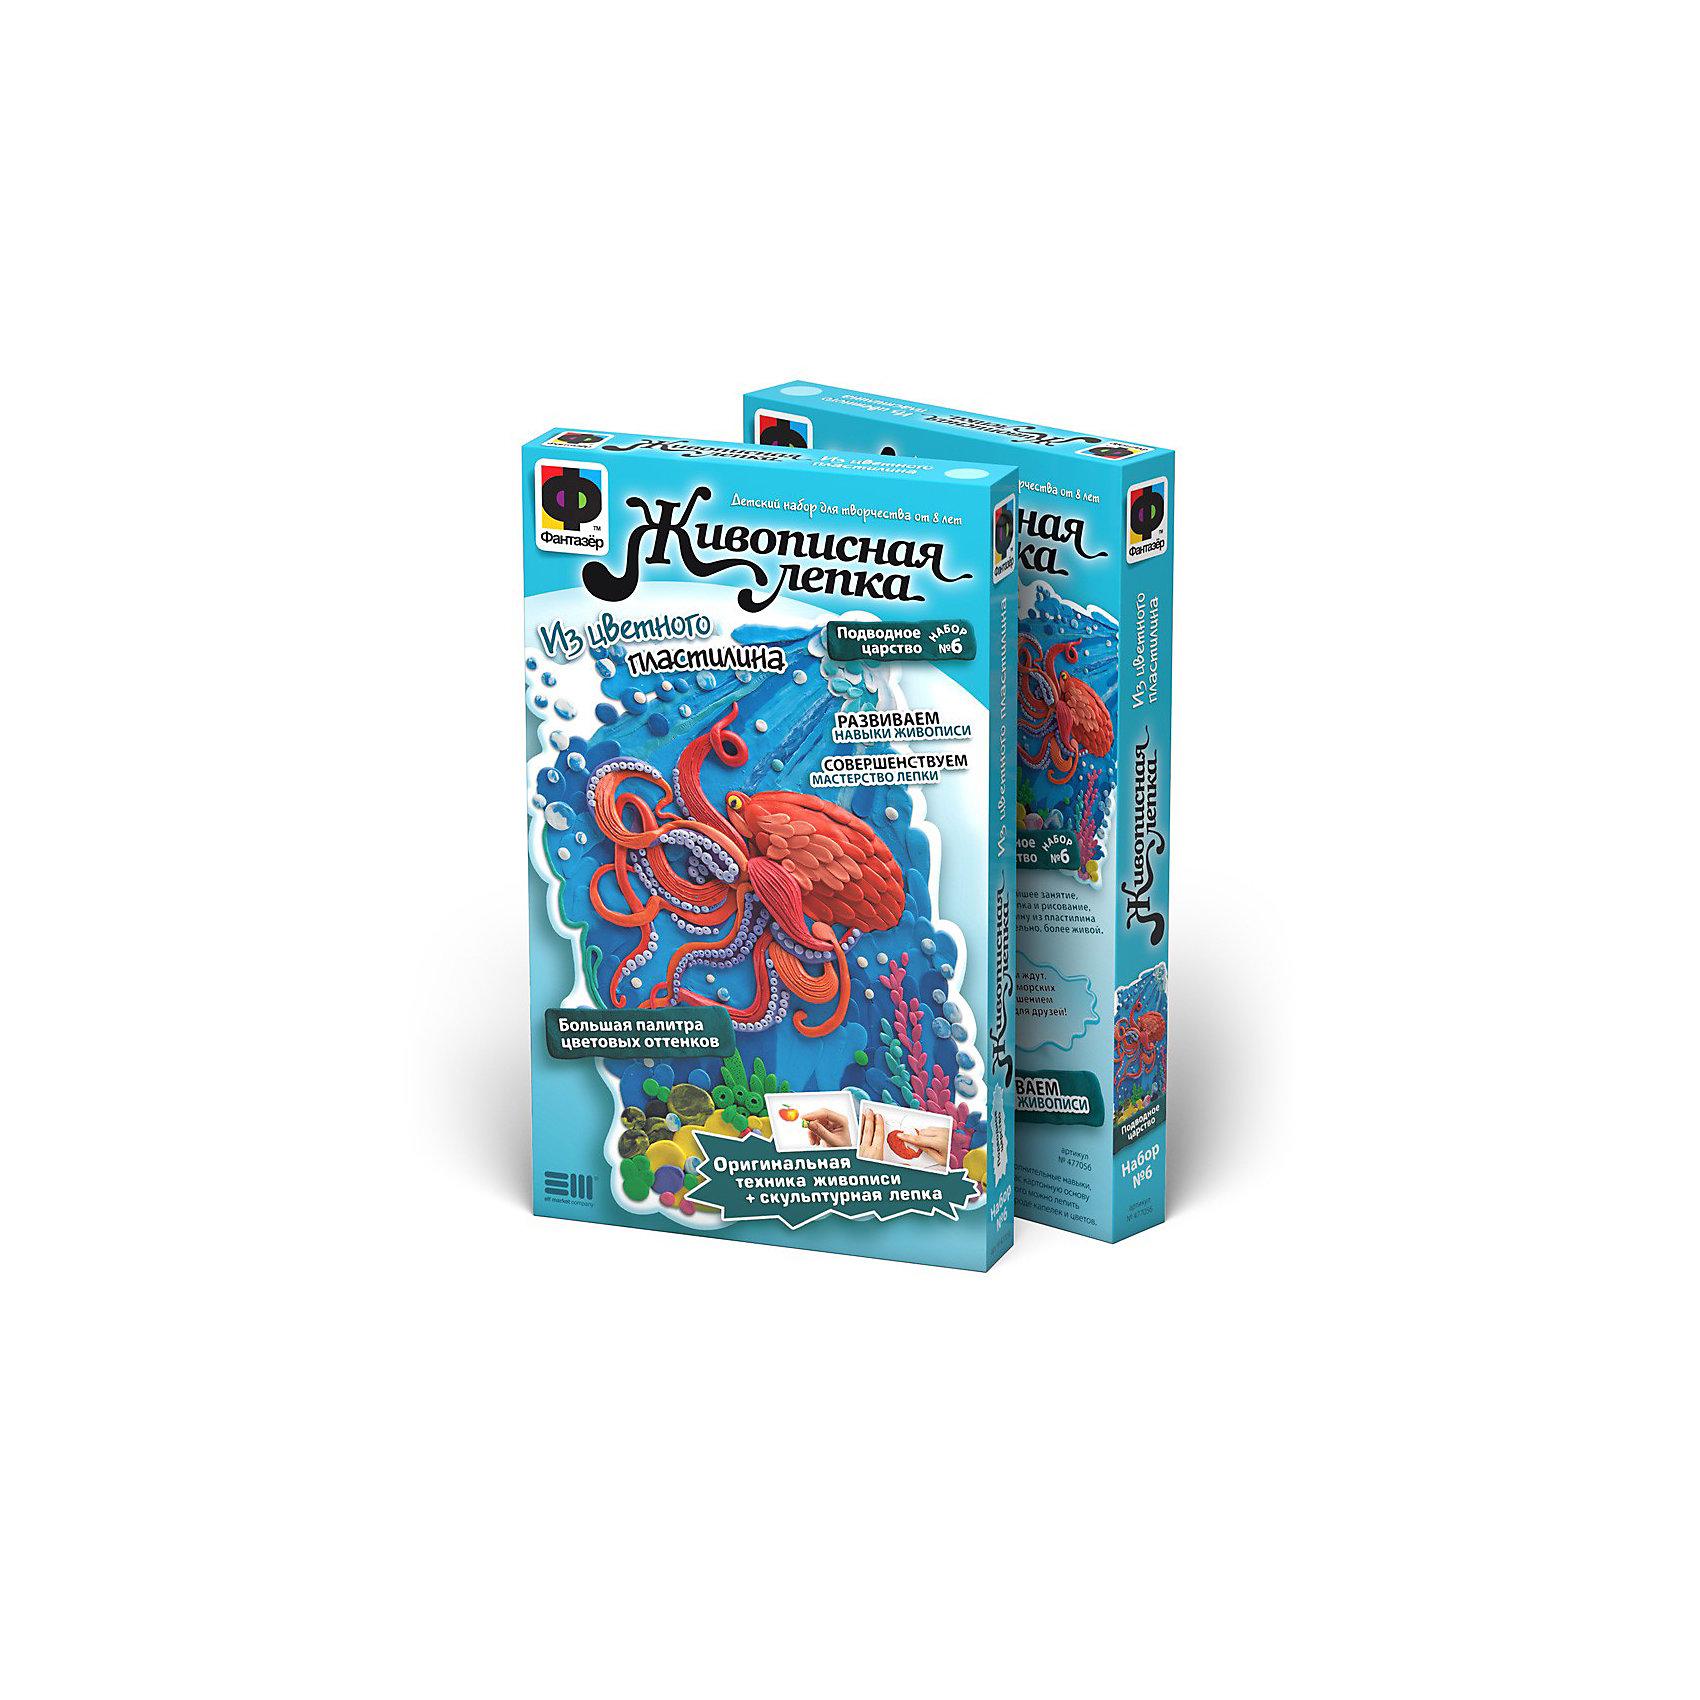 Фантазер Подводное царство (Осьминог) Живописная лепка. Фантазер 4m светящийся витраж подводное царство 4м